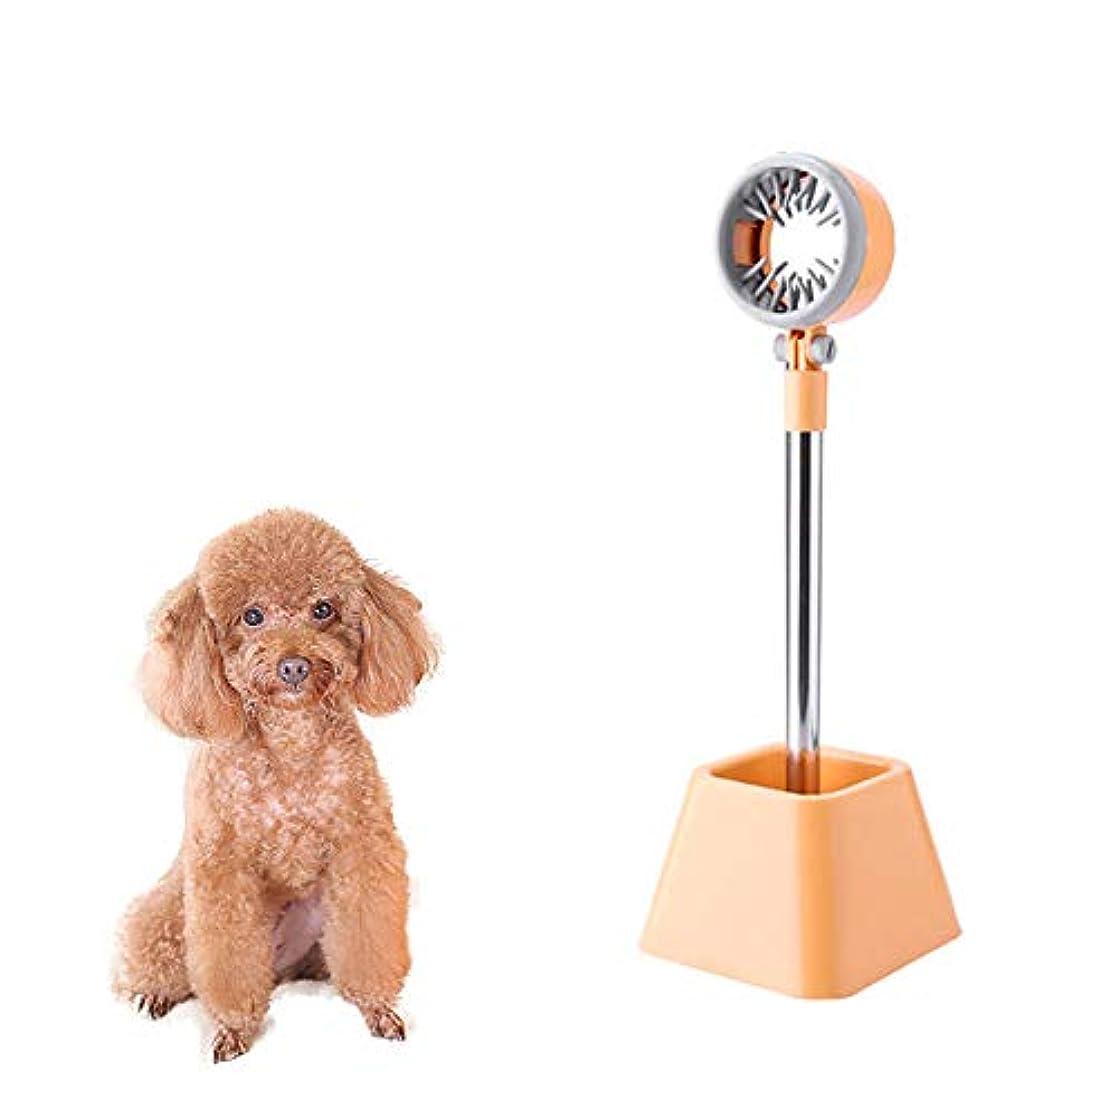 確認してくださいピンファシズム【Tona】猫お風呂 犬お風呂 ヘアードライヤースタンド ヘアドライヤーホルダー 180度 回転 シャンプー トリミング 用品 ハンズフリー ペット用